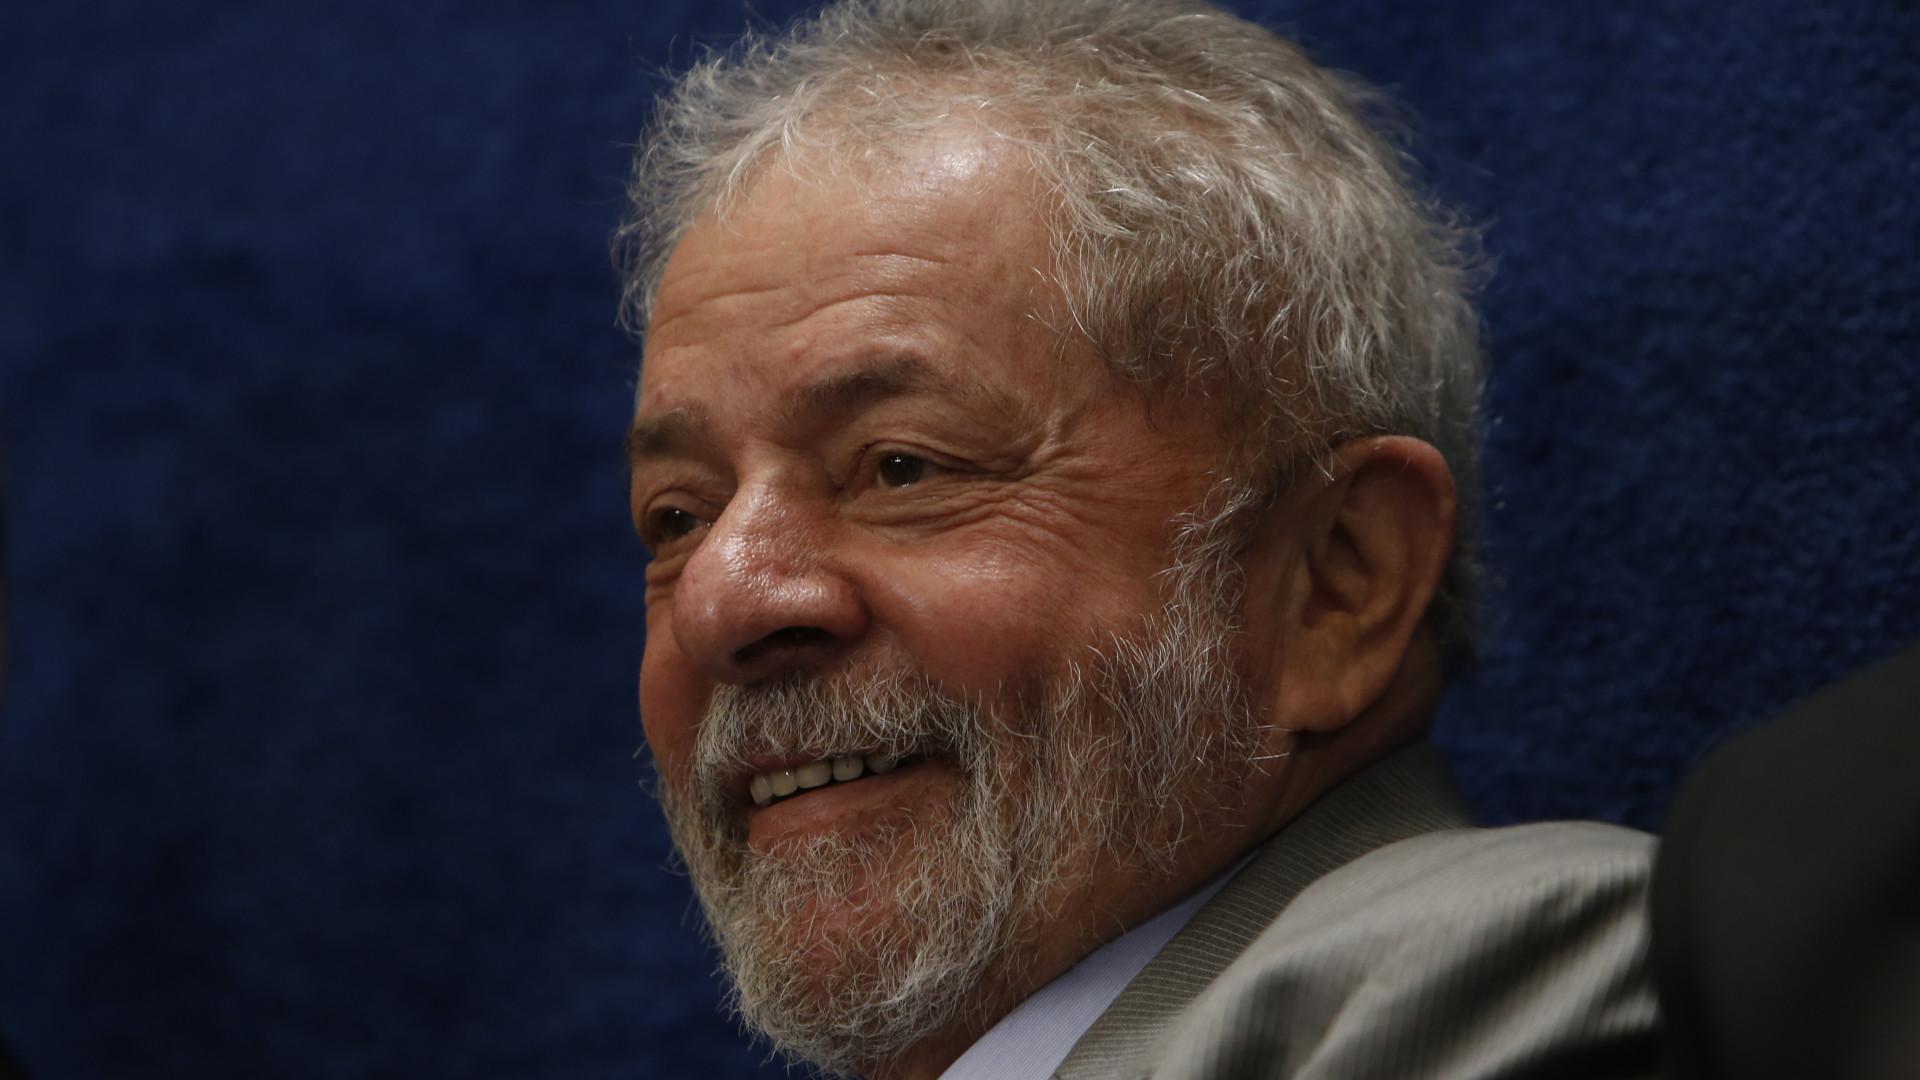 Lula está apaixonado e pretende se casar, afirma ex-ministro